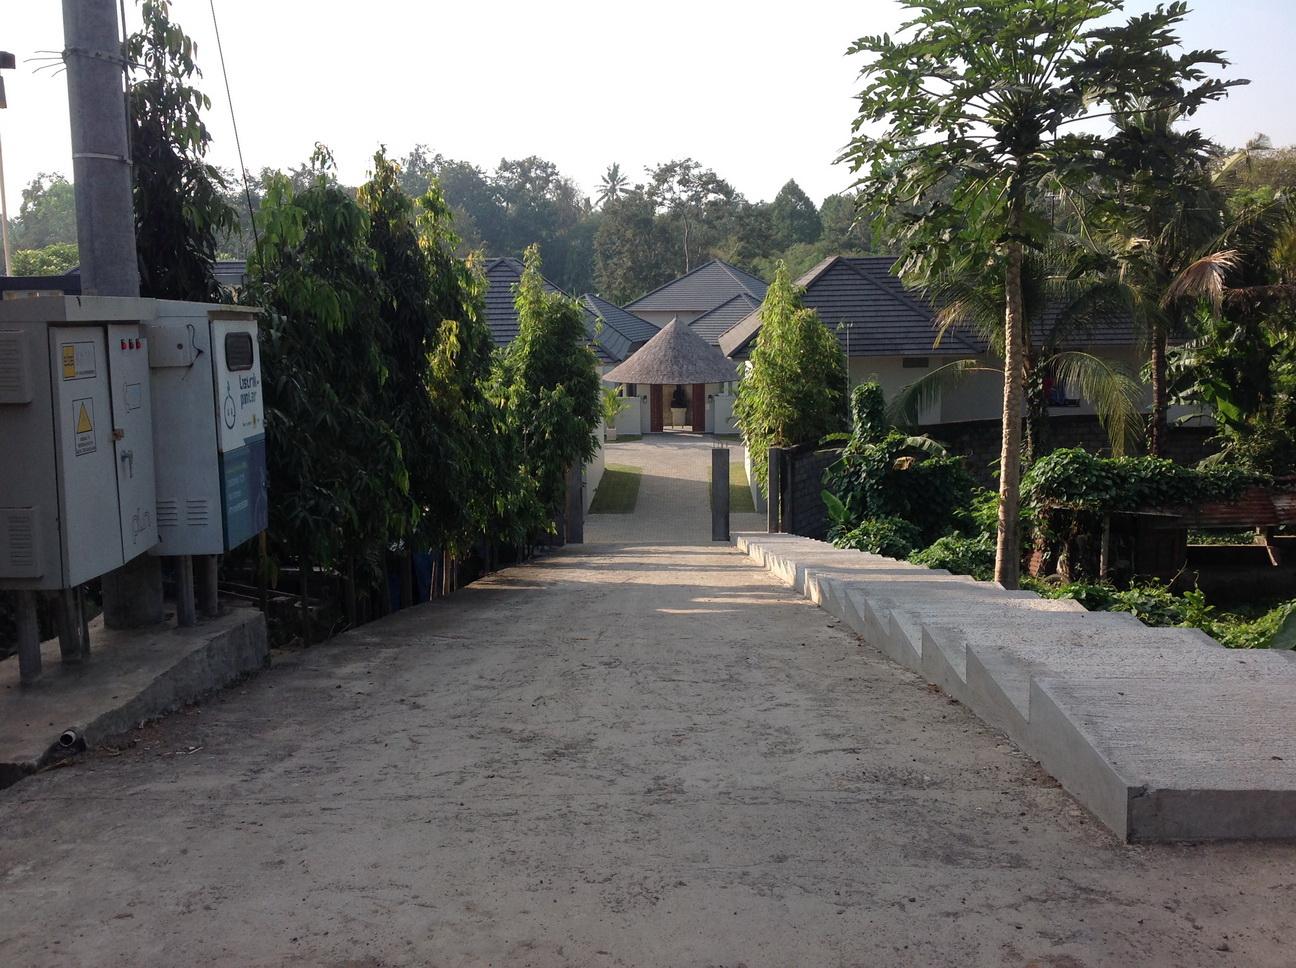 Land Freehold 2,530 sqm River View in Beyond Canggu